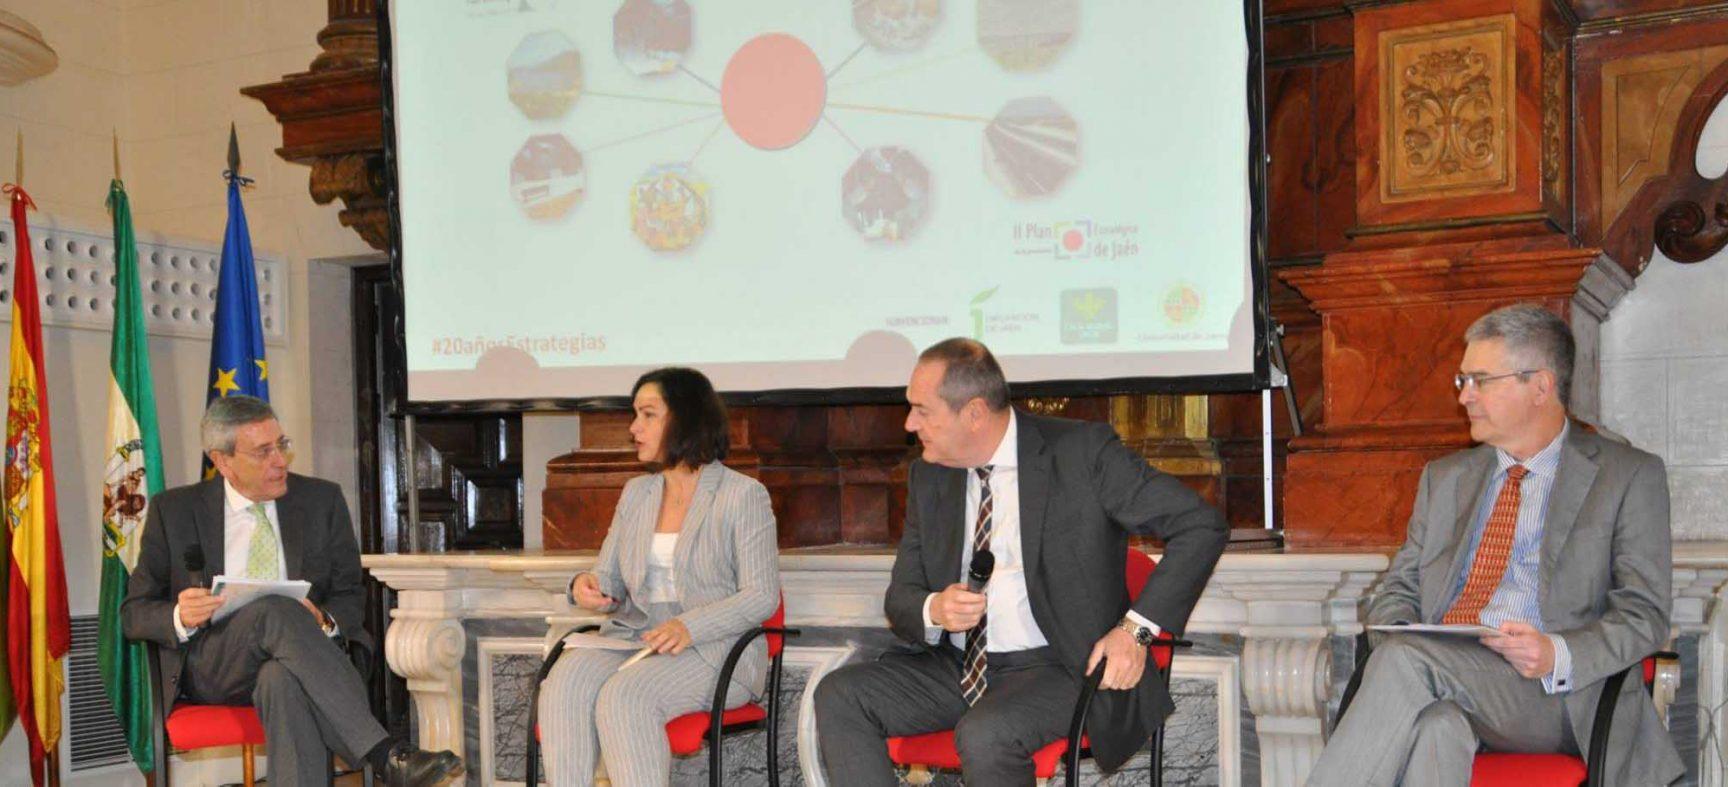 Elx2030 participa en la jornada de celebración del 20º aniversario del Plan Estratégico de la provincia de Jaén